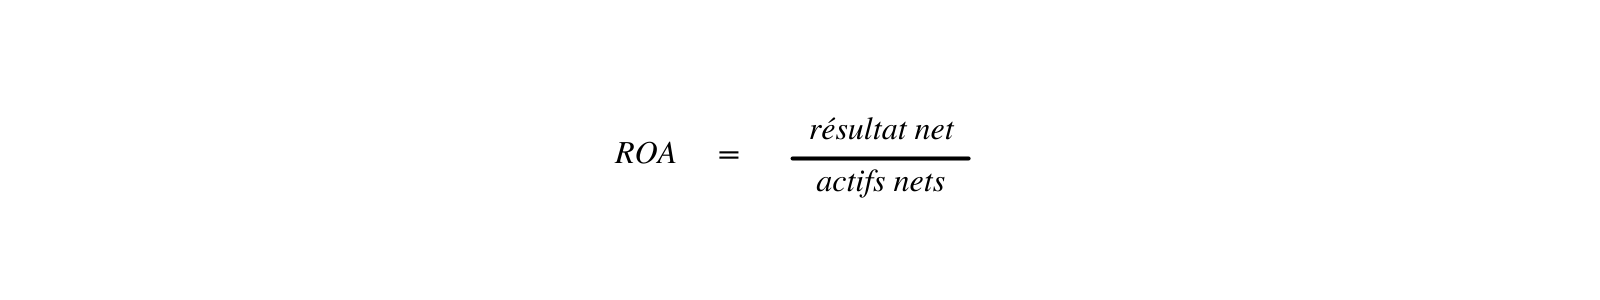 Calcul du ROA dans le cadre de l'analyse financière de l'entreprise